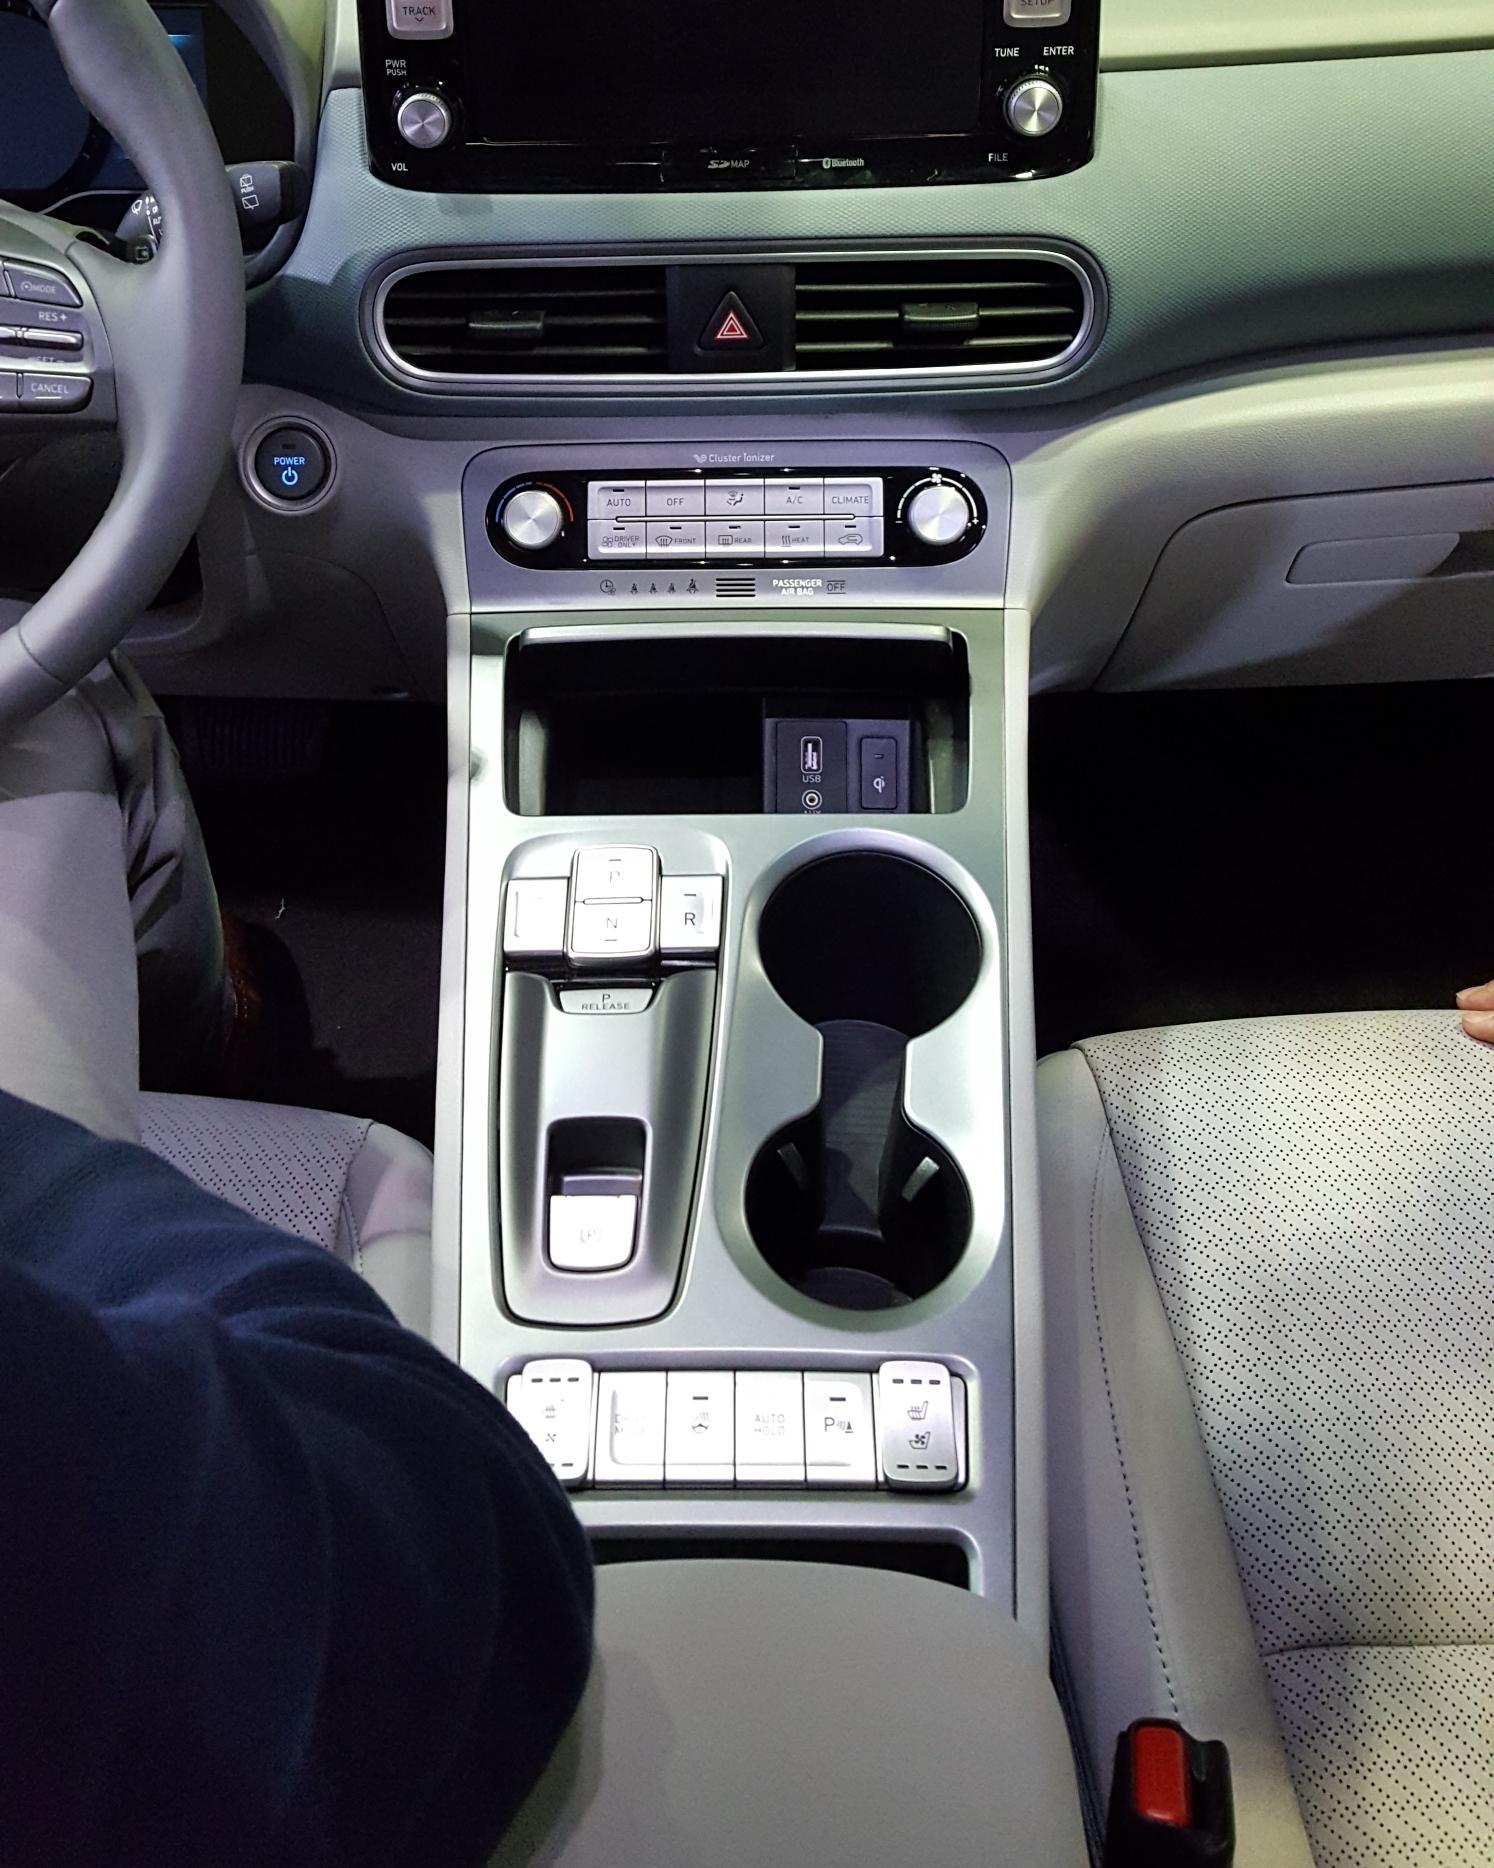 ▲ 센터 콘솔의 모습. 전동 변속기, 스마트폰 무선충전 등 현대차가 편편의성에 주력한 부분이 눈에 띈다.